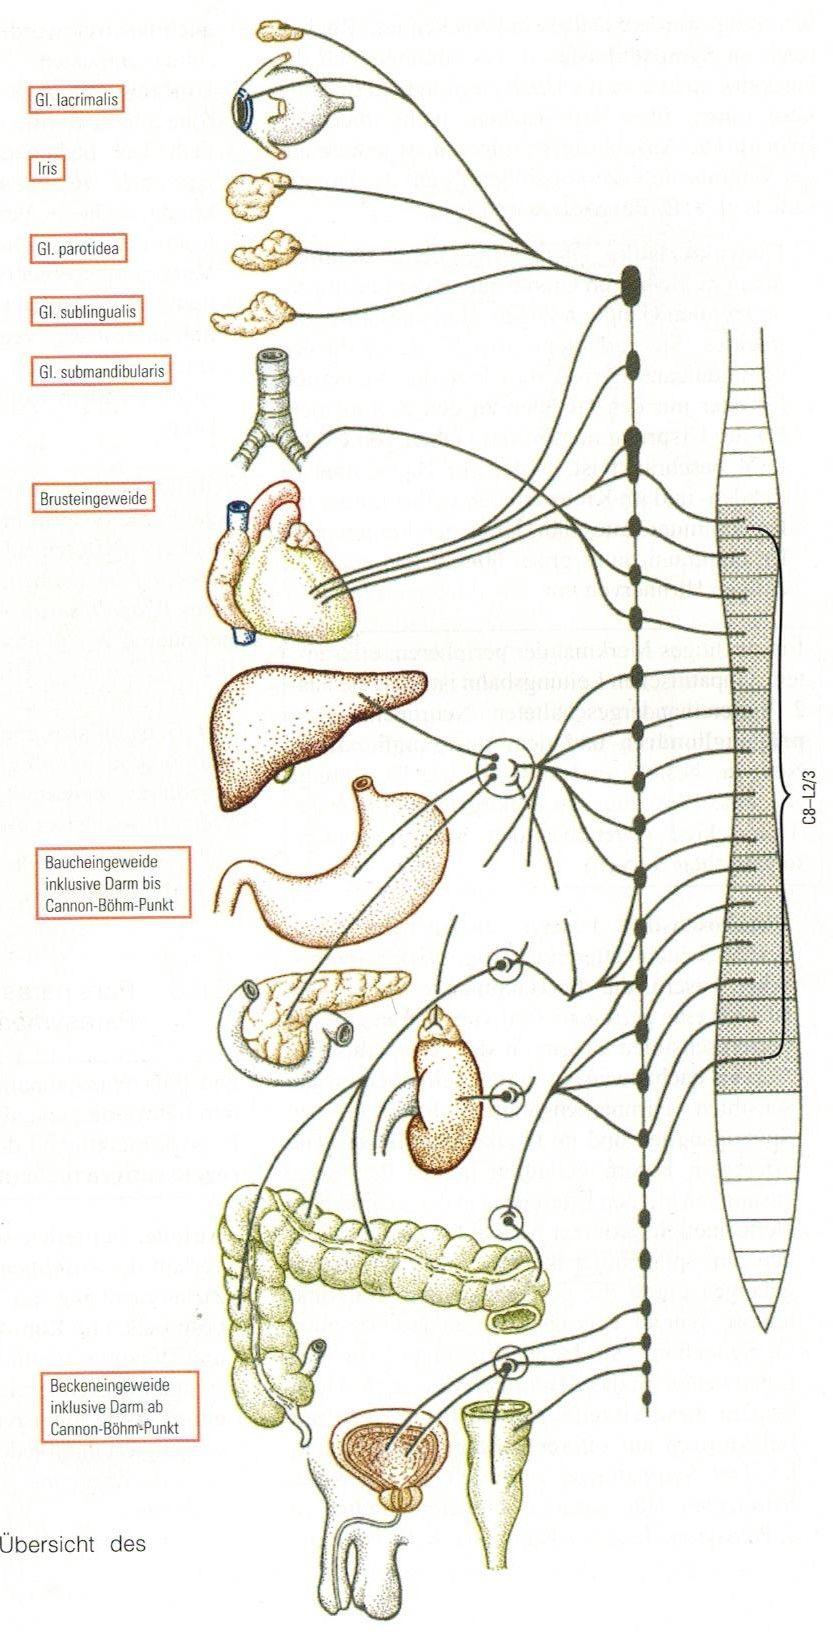 Einleitung Das vegetative Nervensystem (VNS) ist phylogenetisch ...